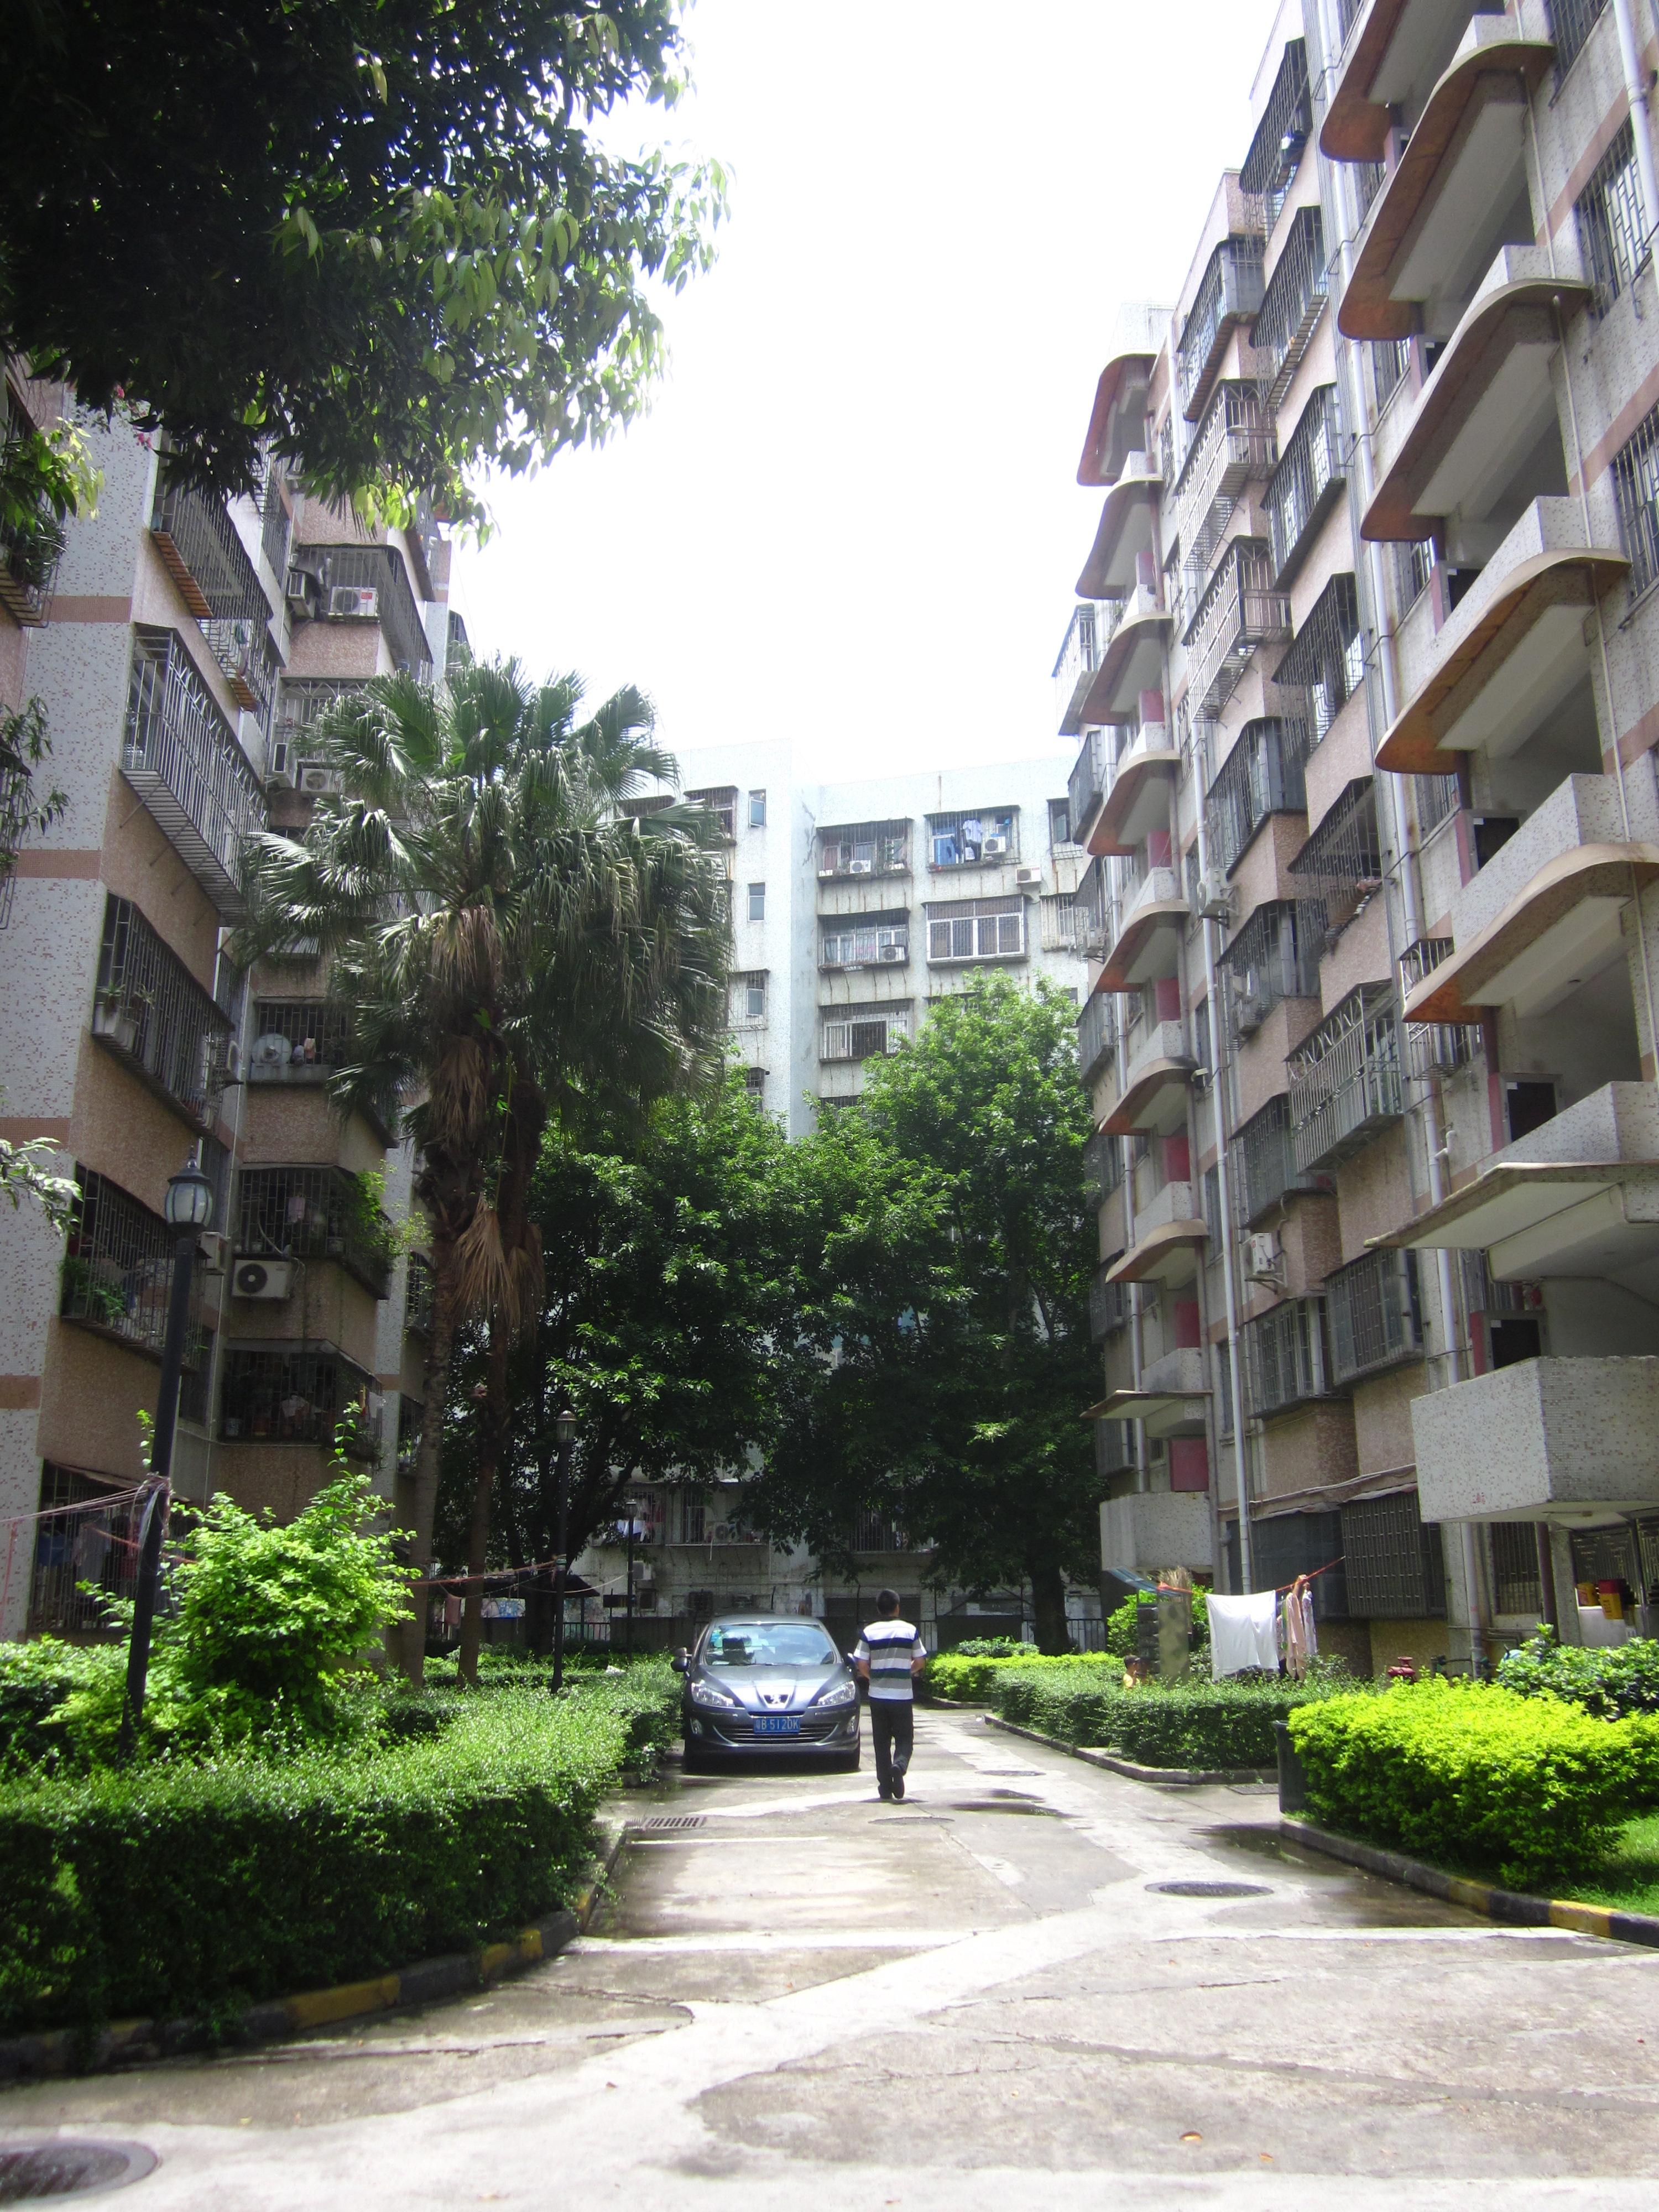 Impresionantes 40 apartamentos pies cuadrados Fotografiado por China Hong Kong Grupo de Derechos Humanos (Sociedad de la Organización Comunitaria)